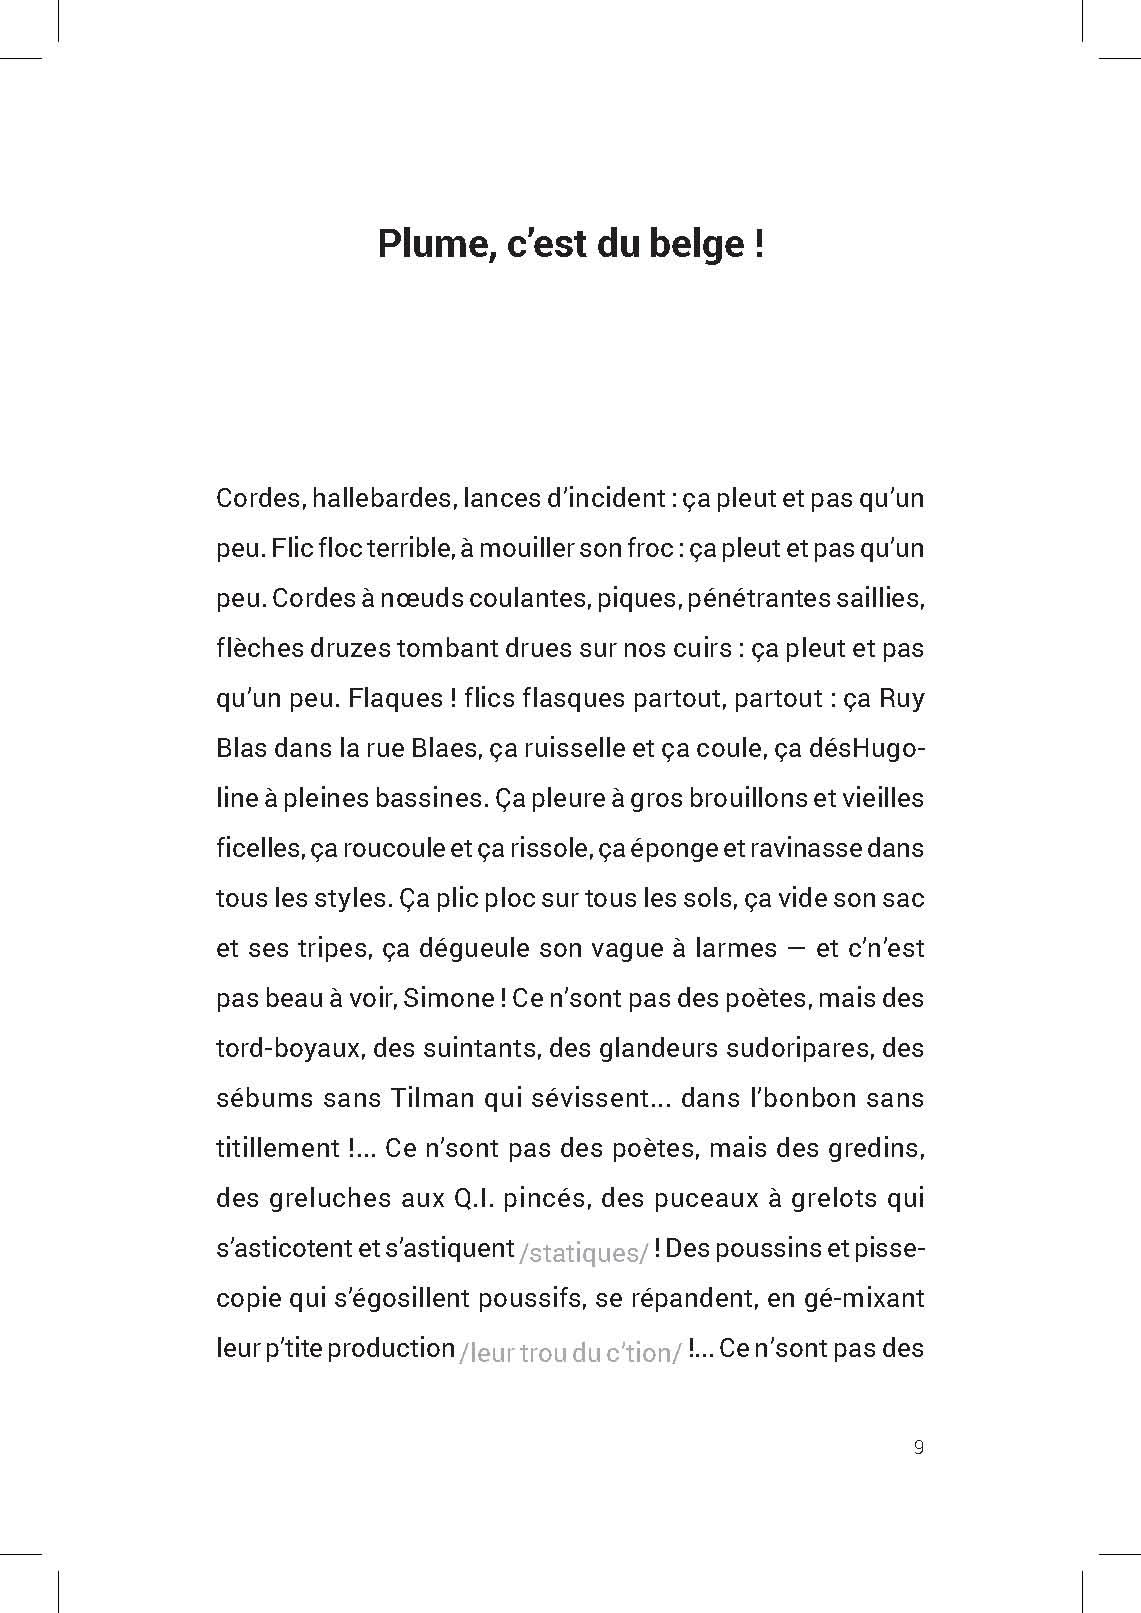 Pauvre Baudelaire - ouverture